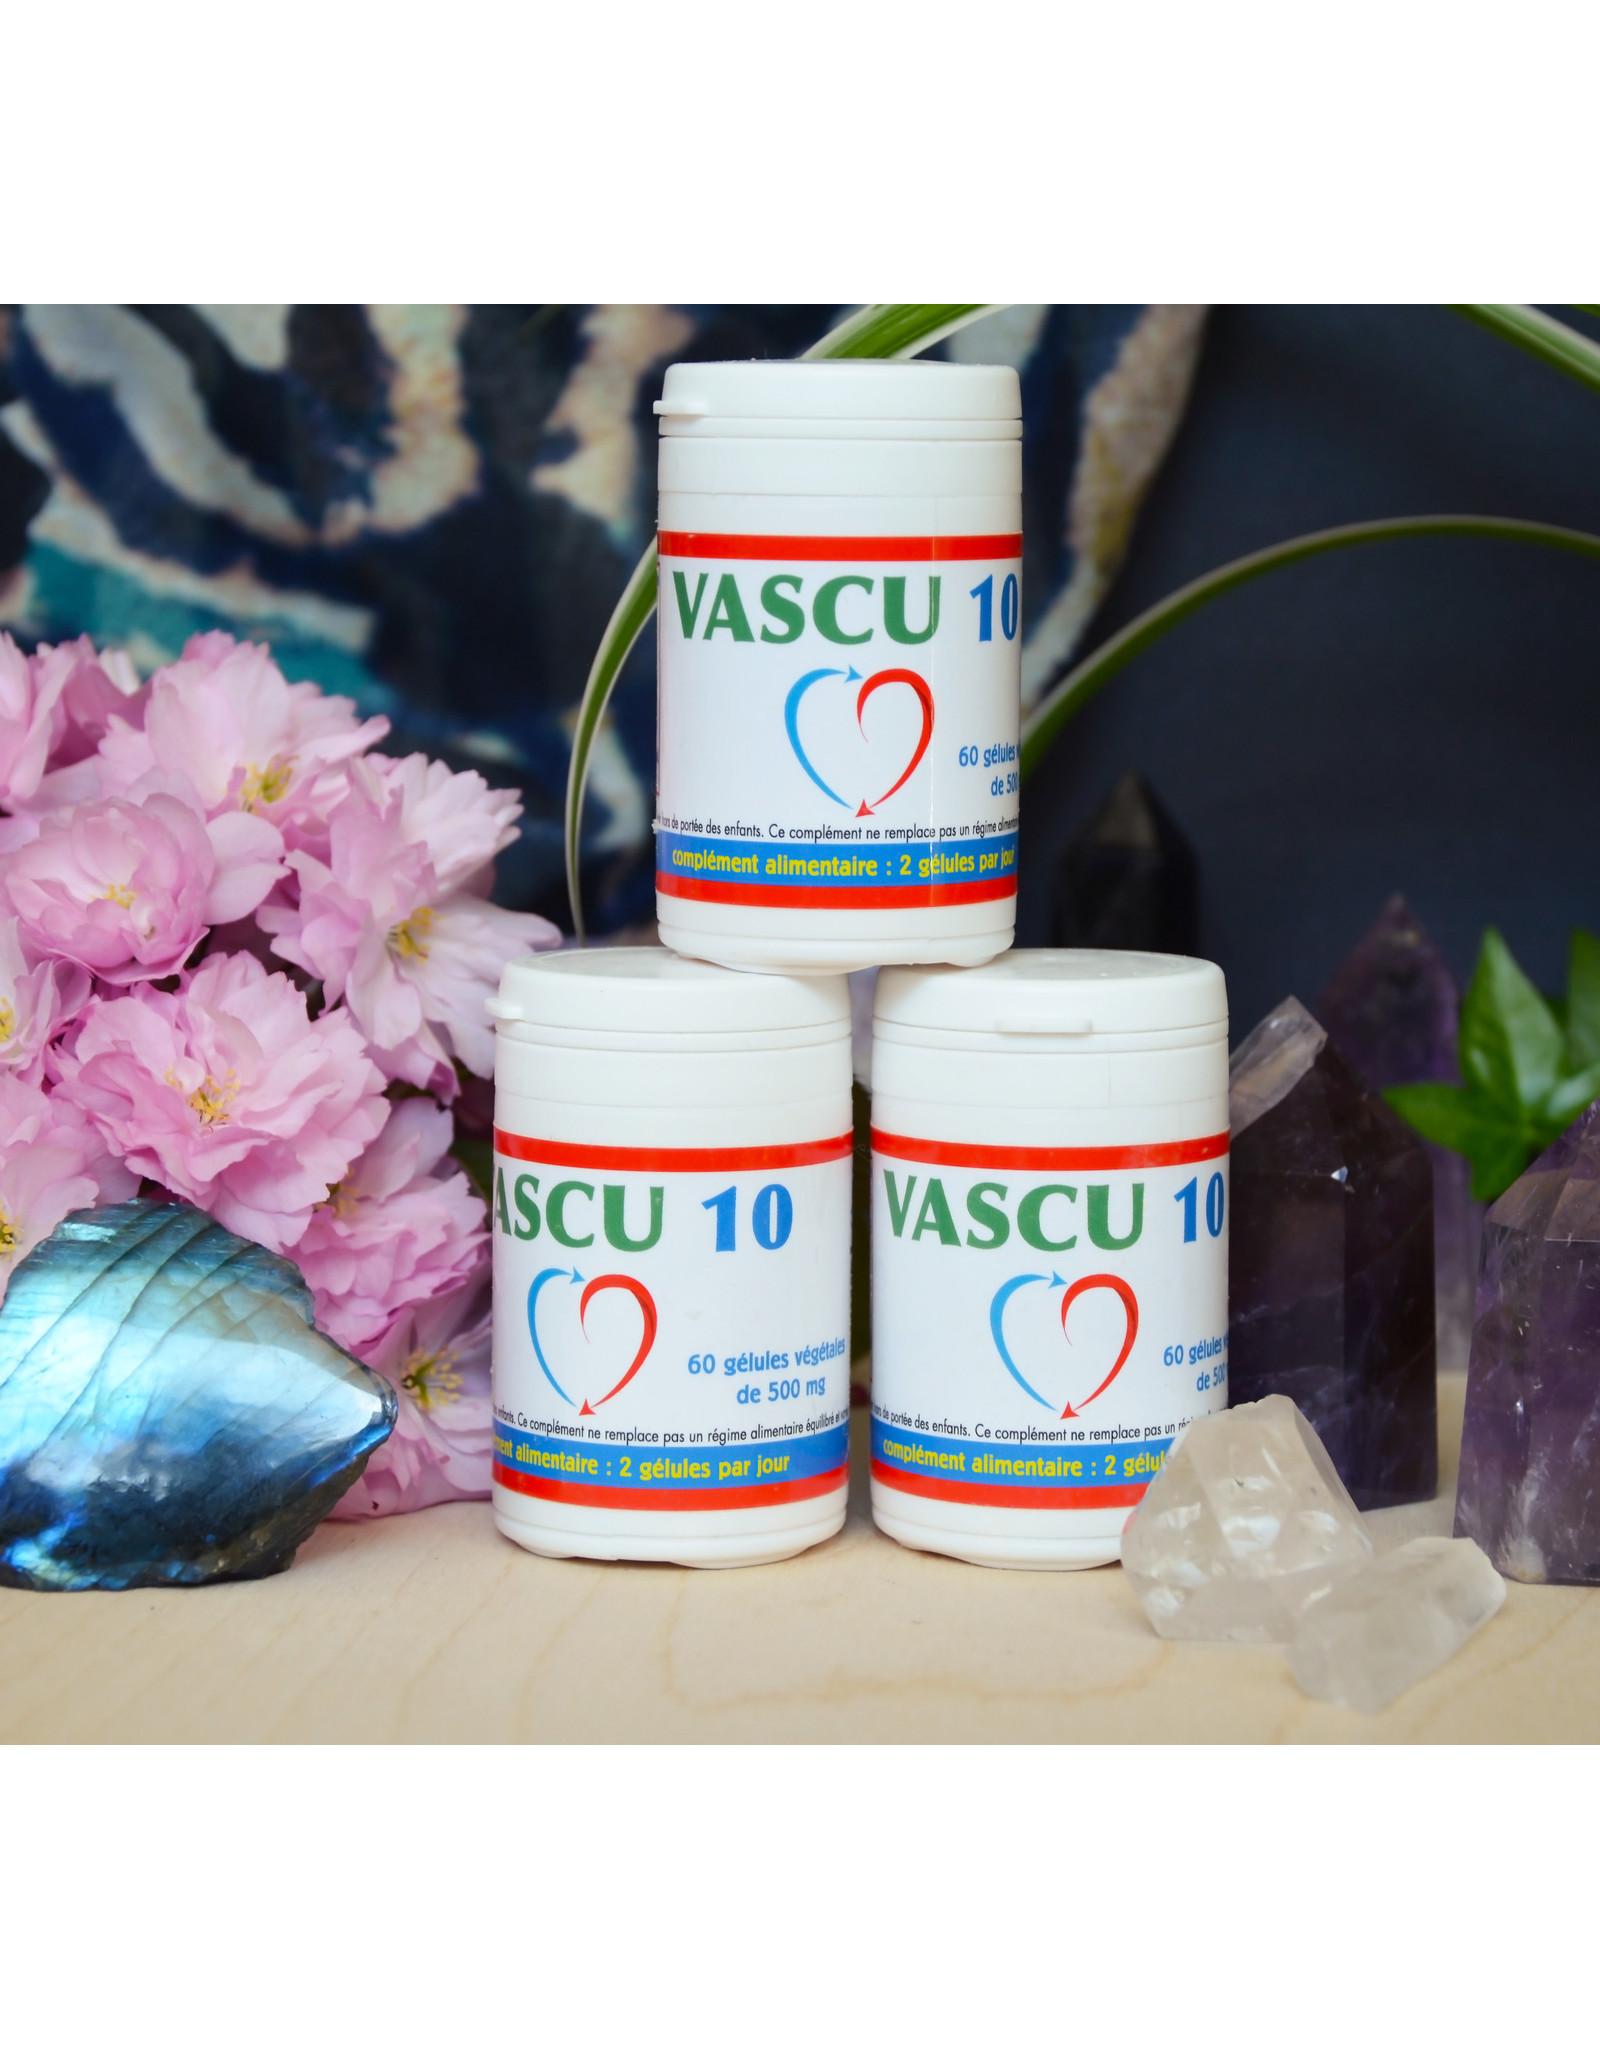 jade recherche Vascu 10 60 capsules